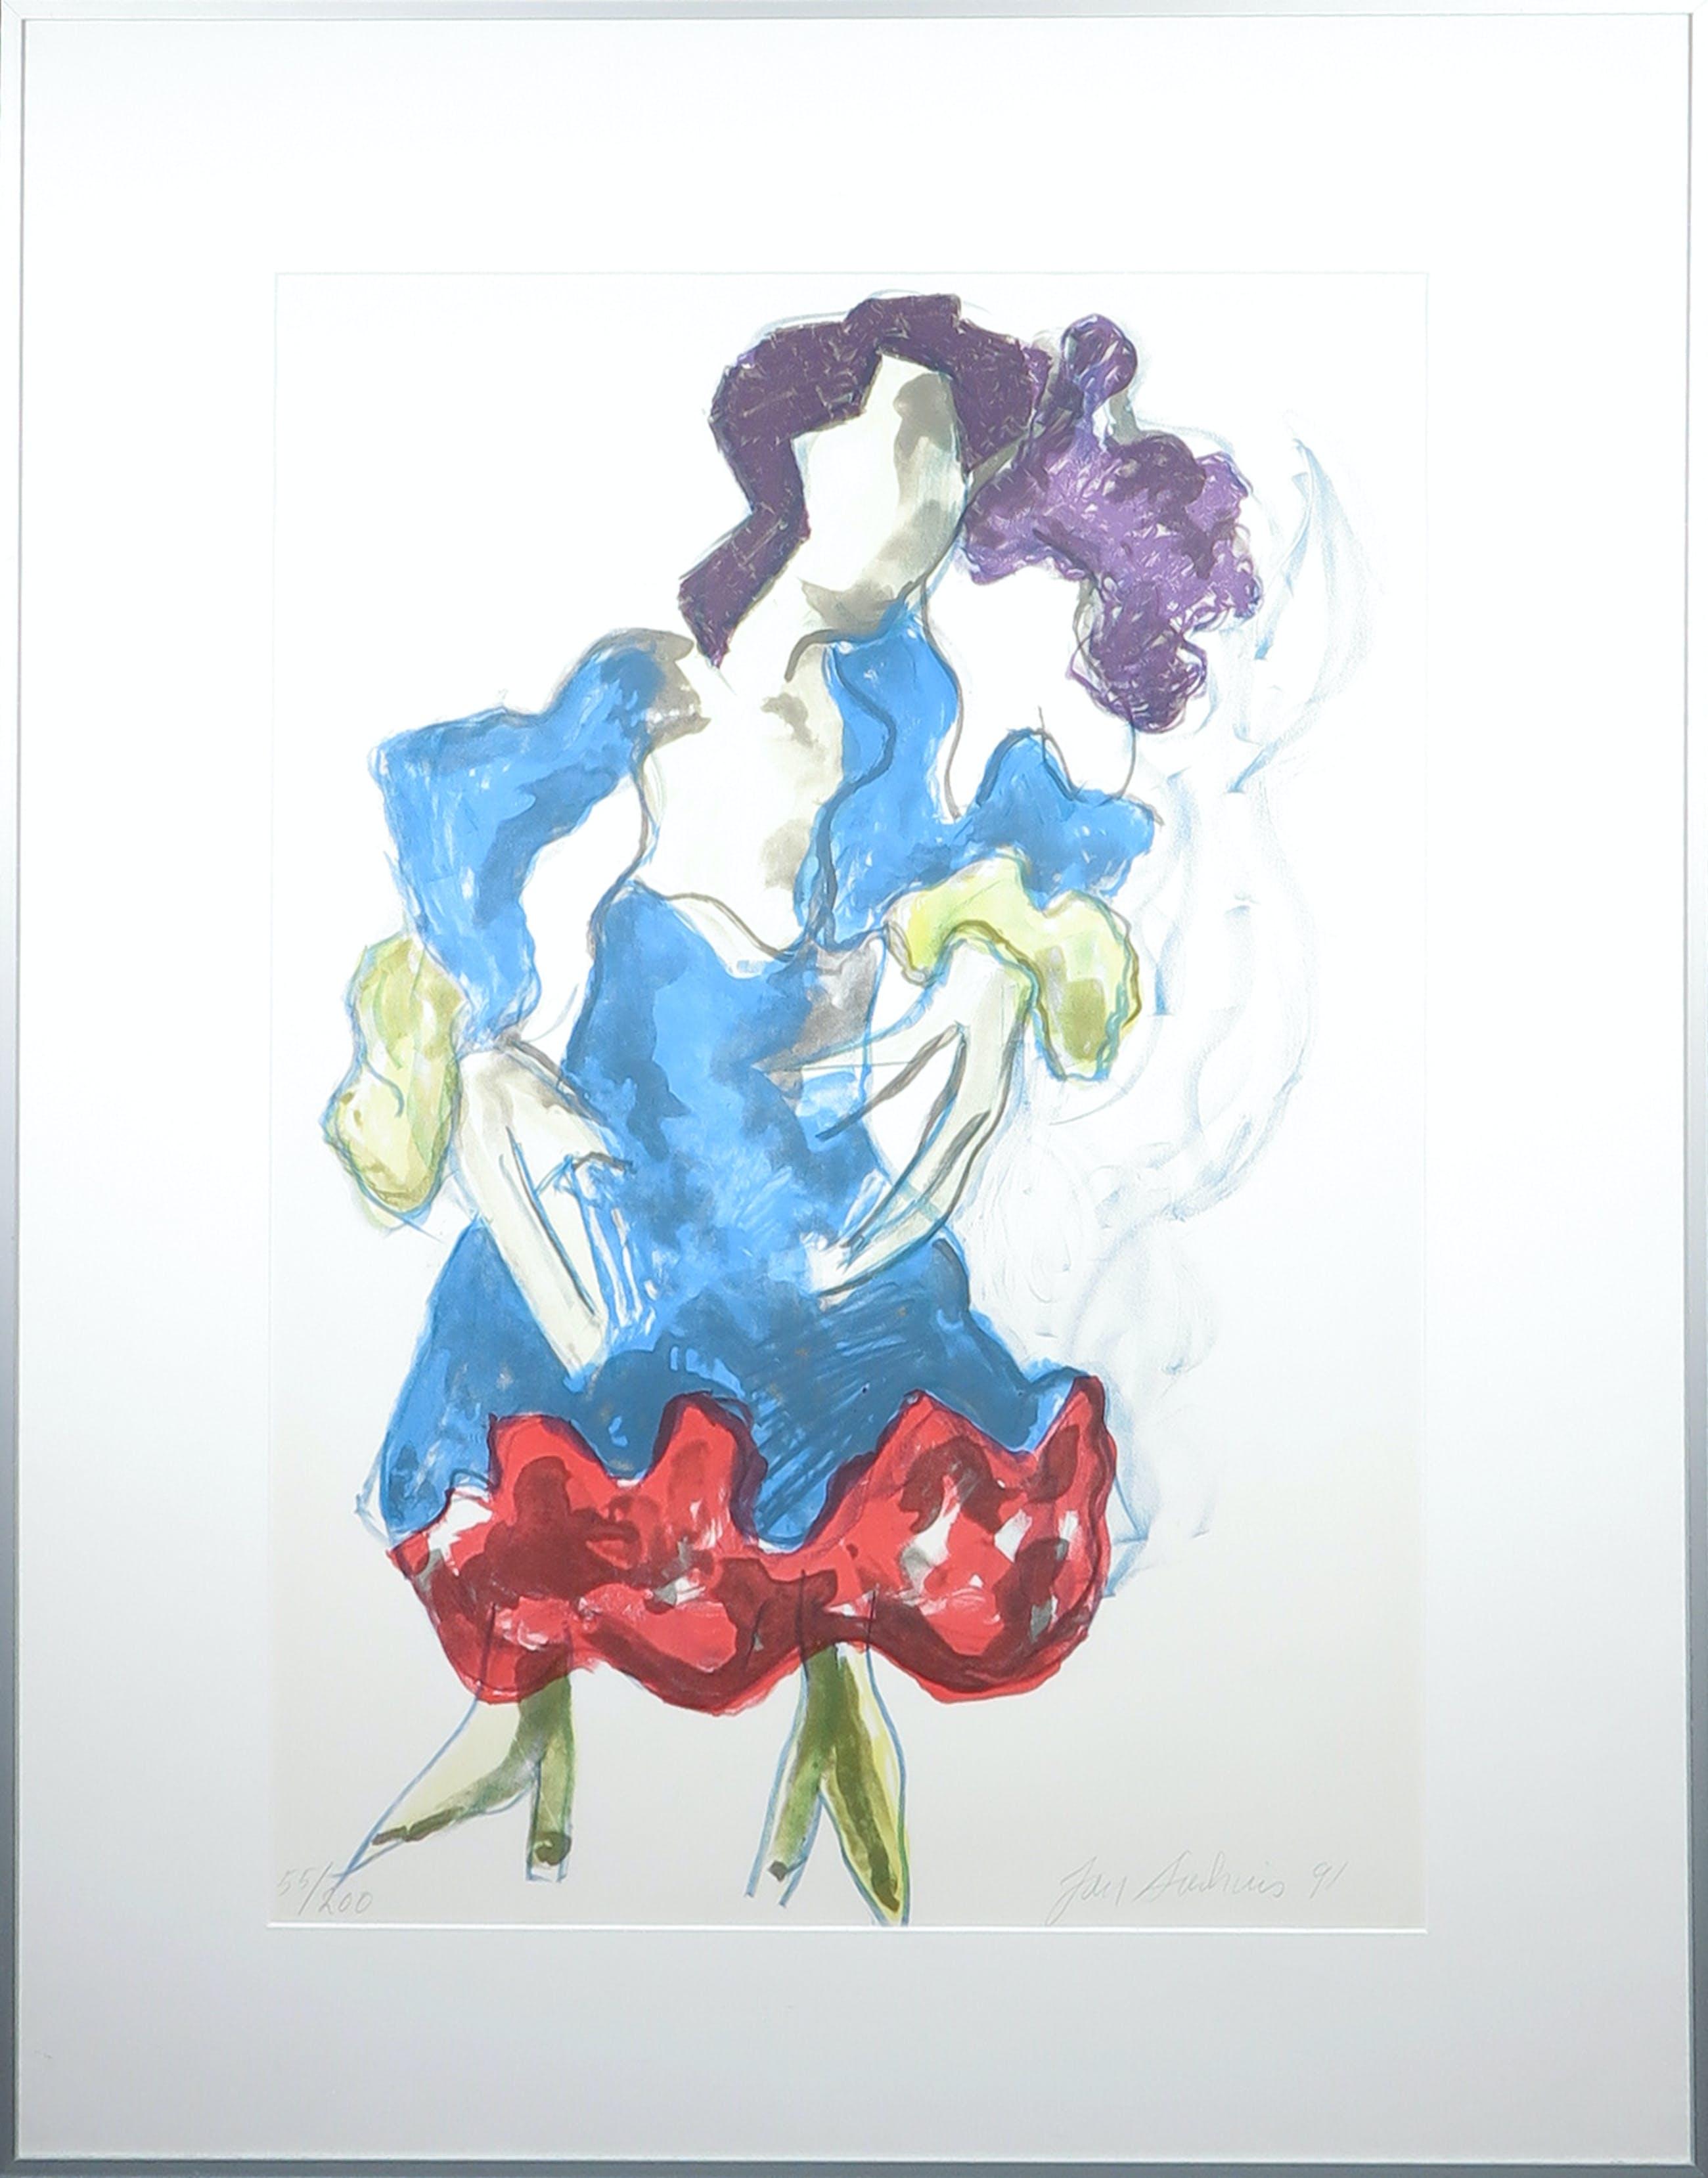 Jan Sierhuis - Litho, Flamenco - Ingelijst kopen? Bied vanaf 60!